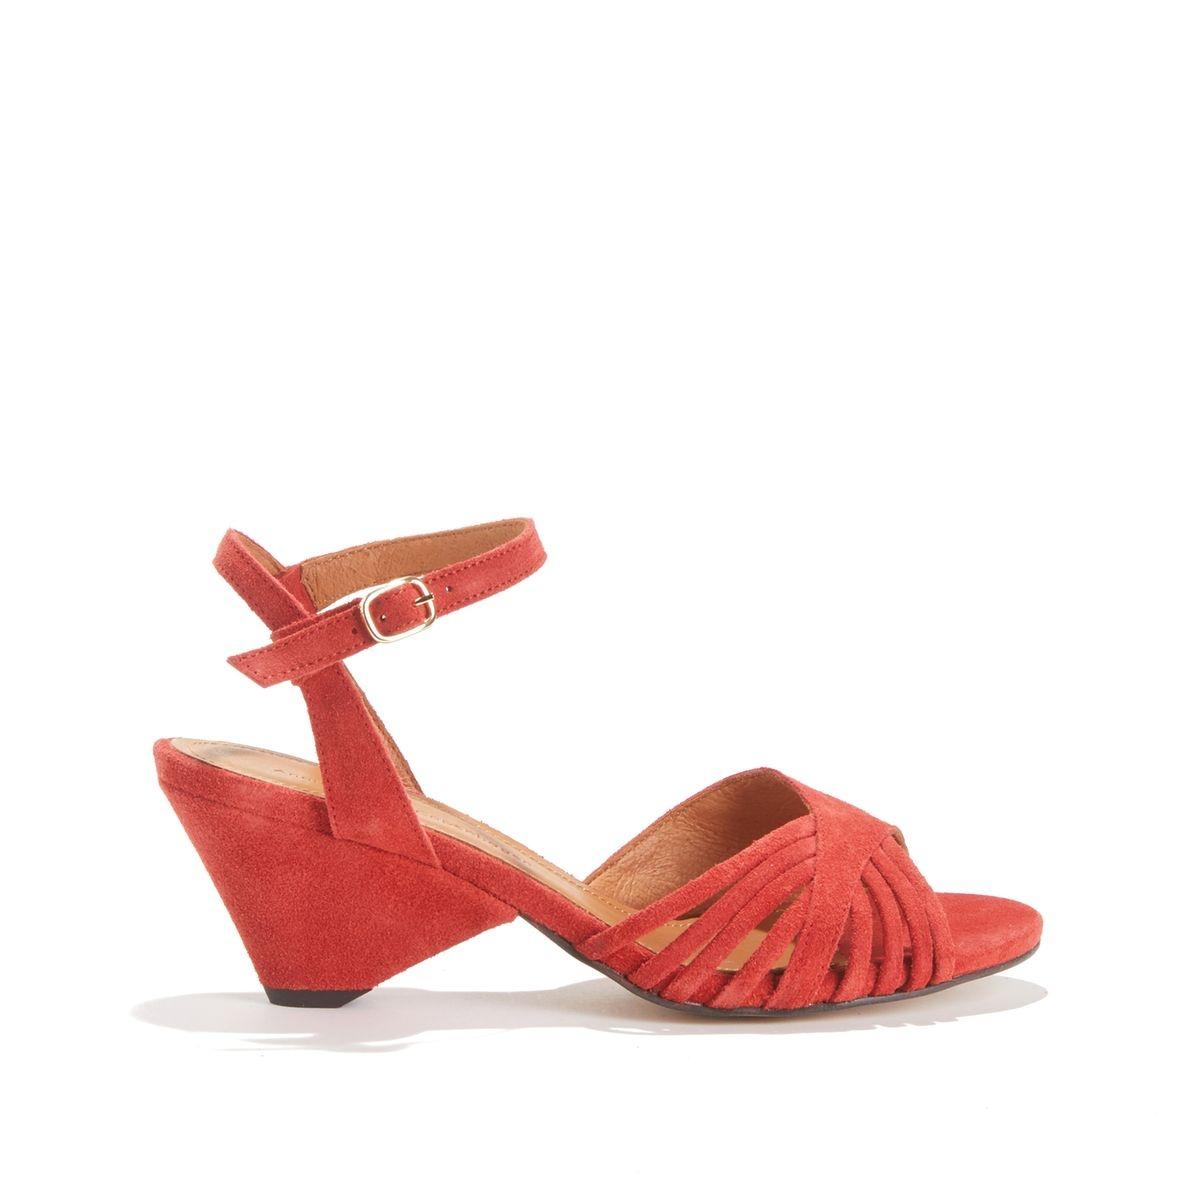 Sandales à talon moyen, cuir suédé HELIA